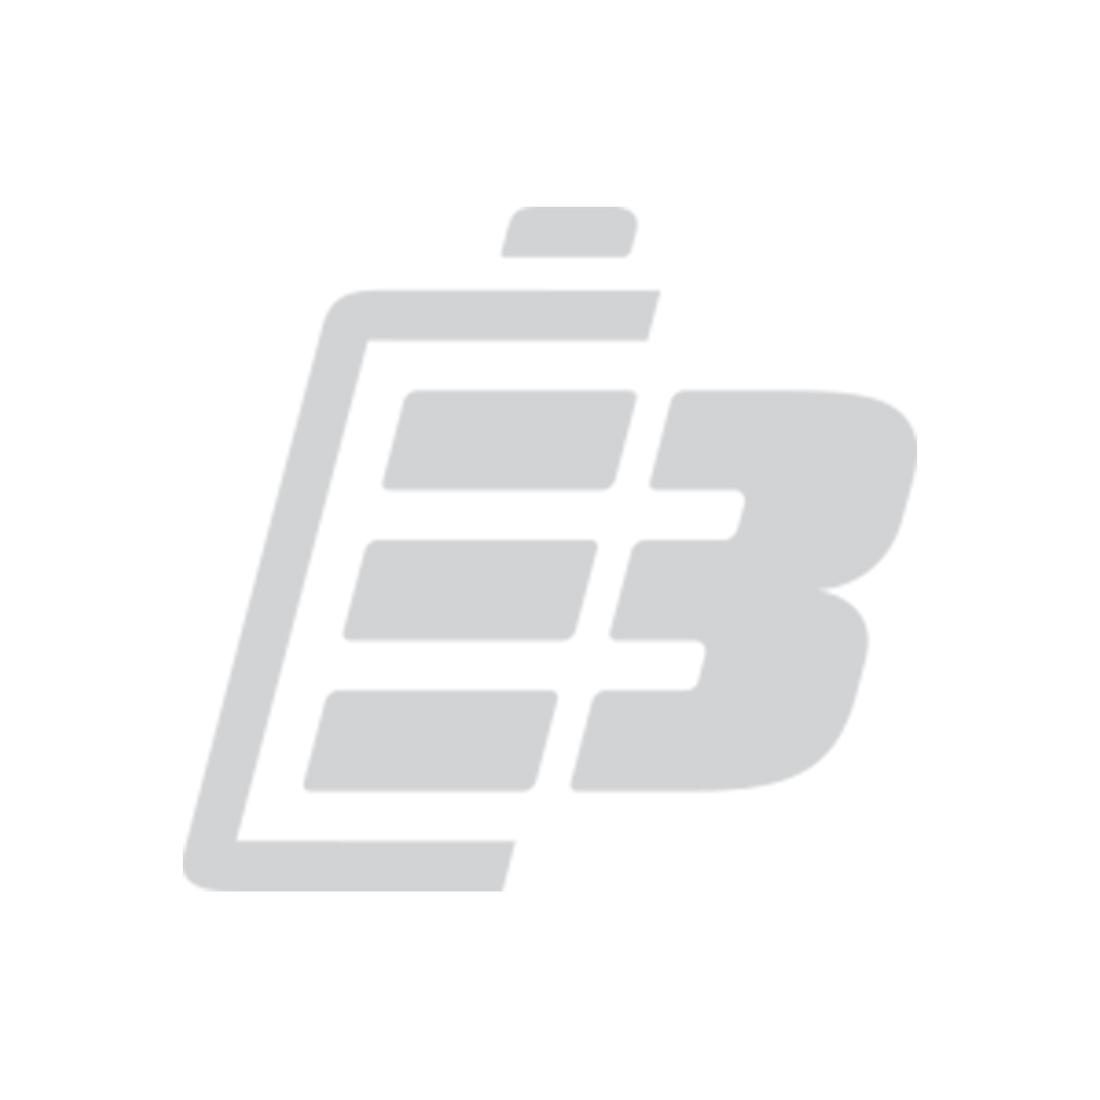 Μπαταρια Μολυβδου Multipower 12V 5,4Ah